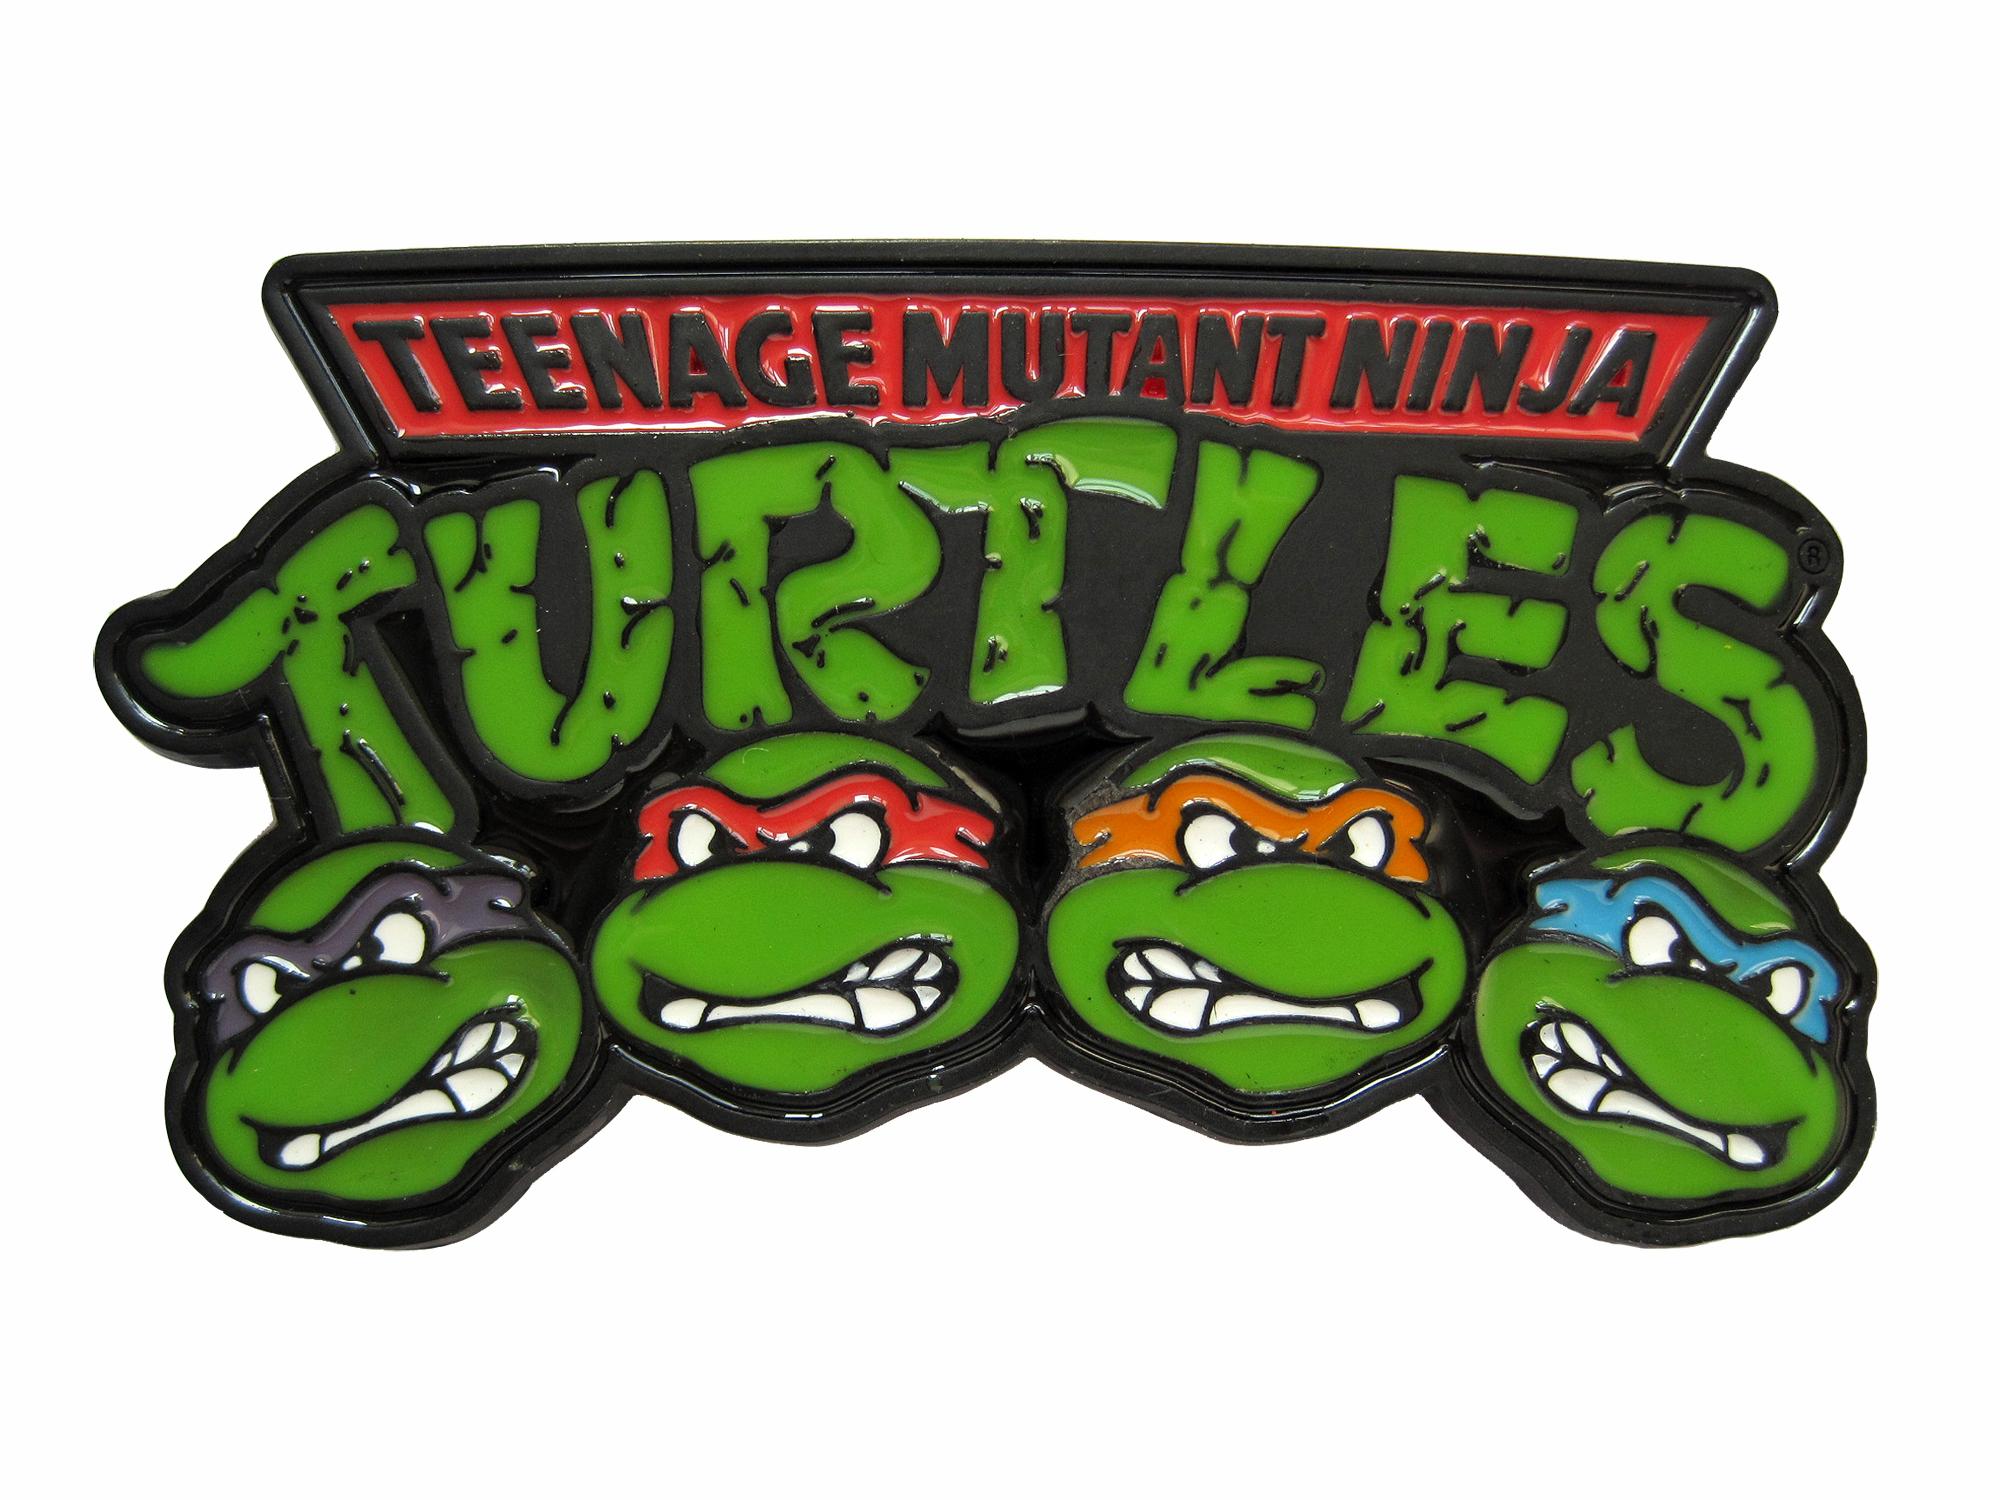 teenage-mutant-ninja-turtles-costumes.jpg